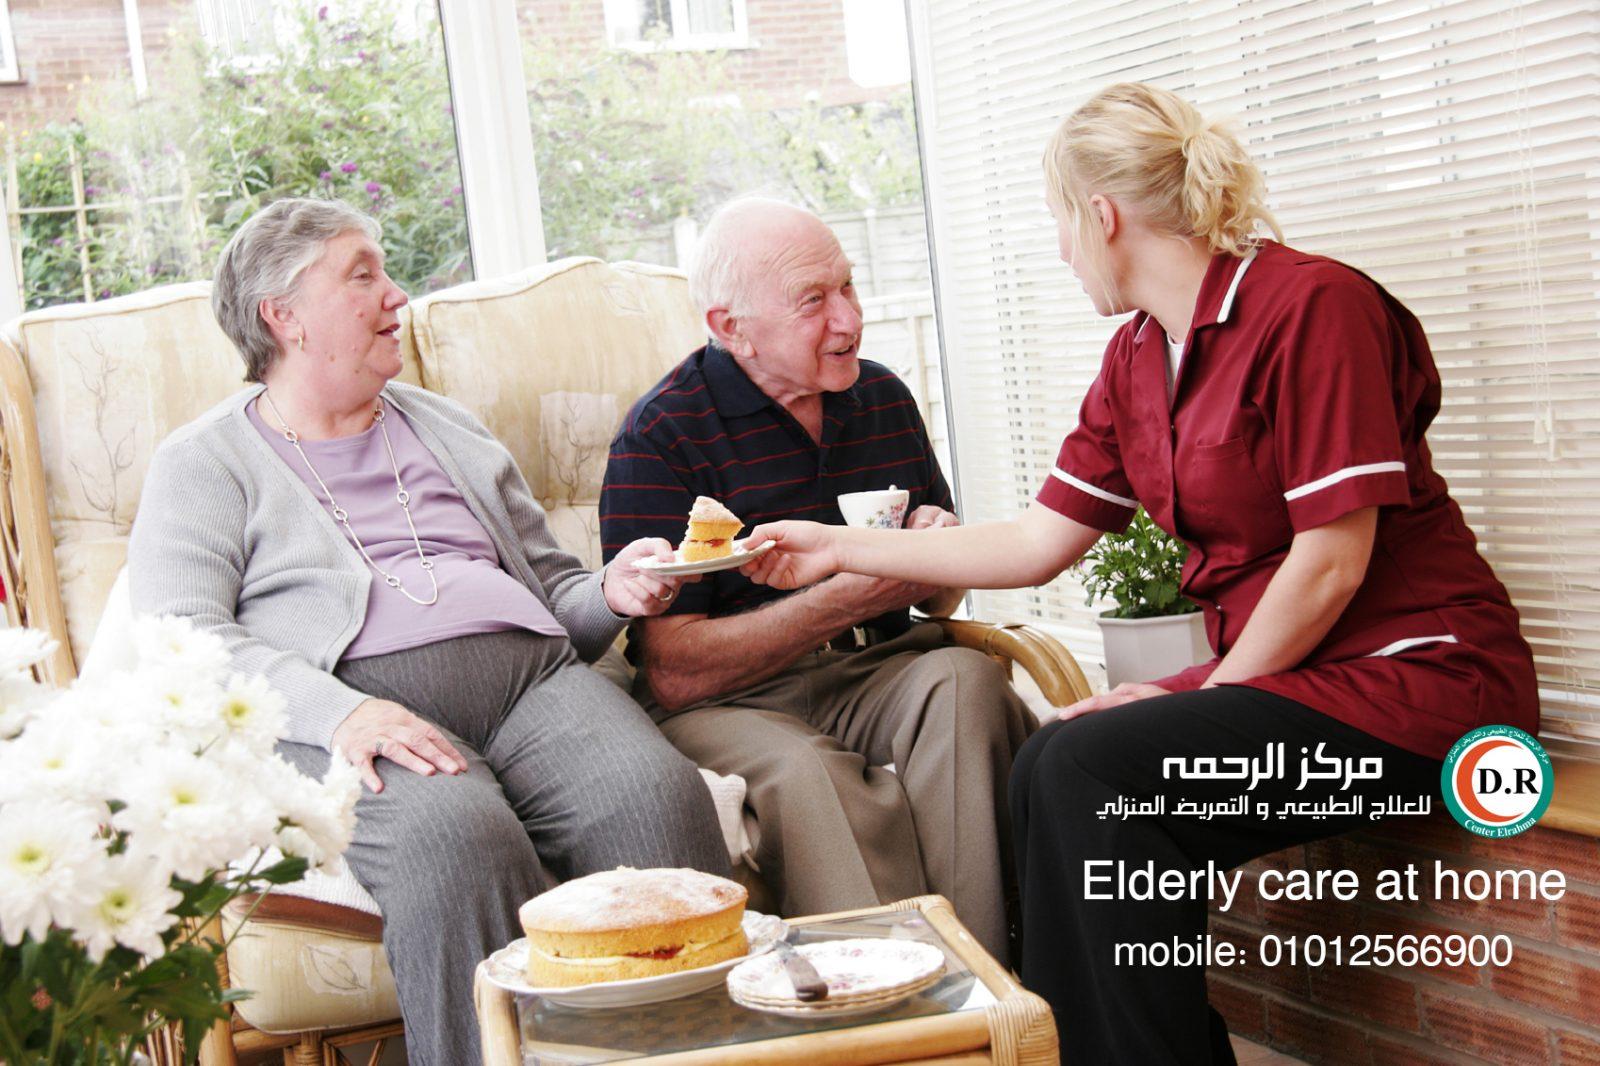 رعاية مسنين بالمنزل بالاسكندرية